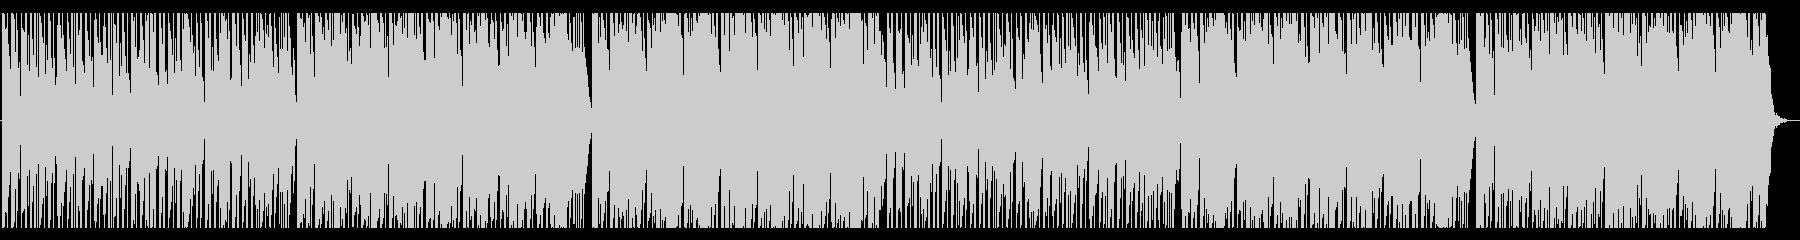 シンプルなハウスの未再生の波形